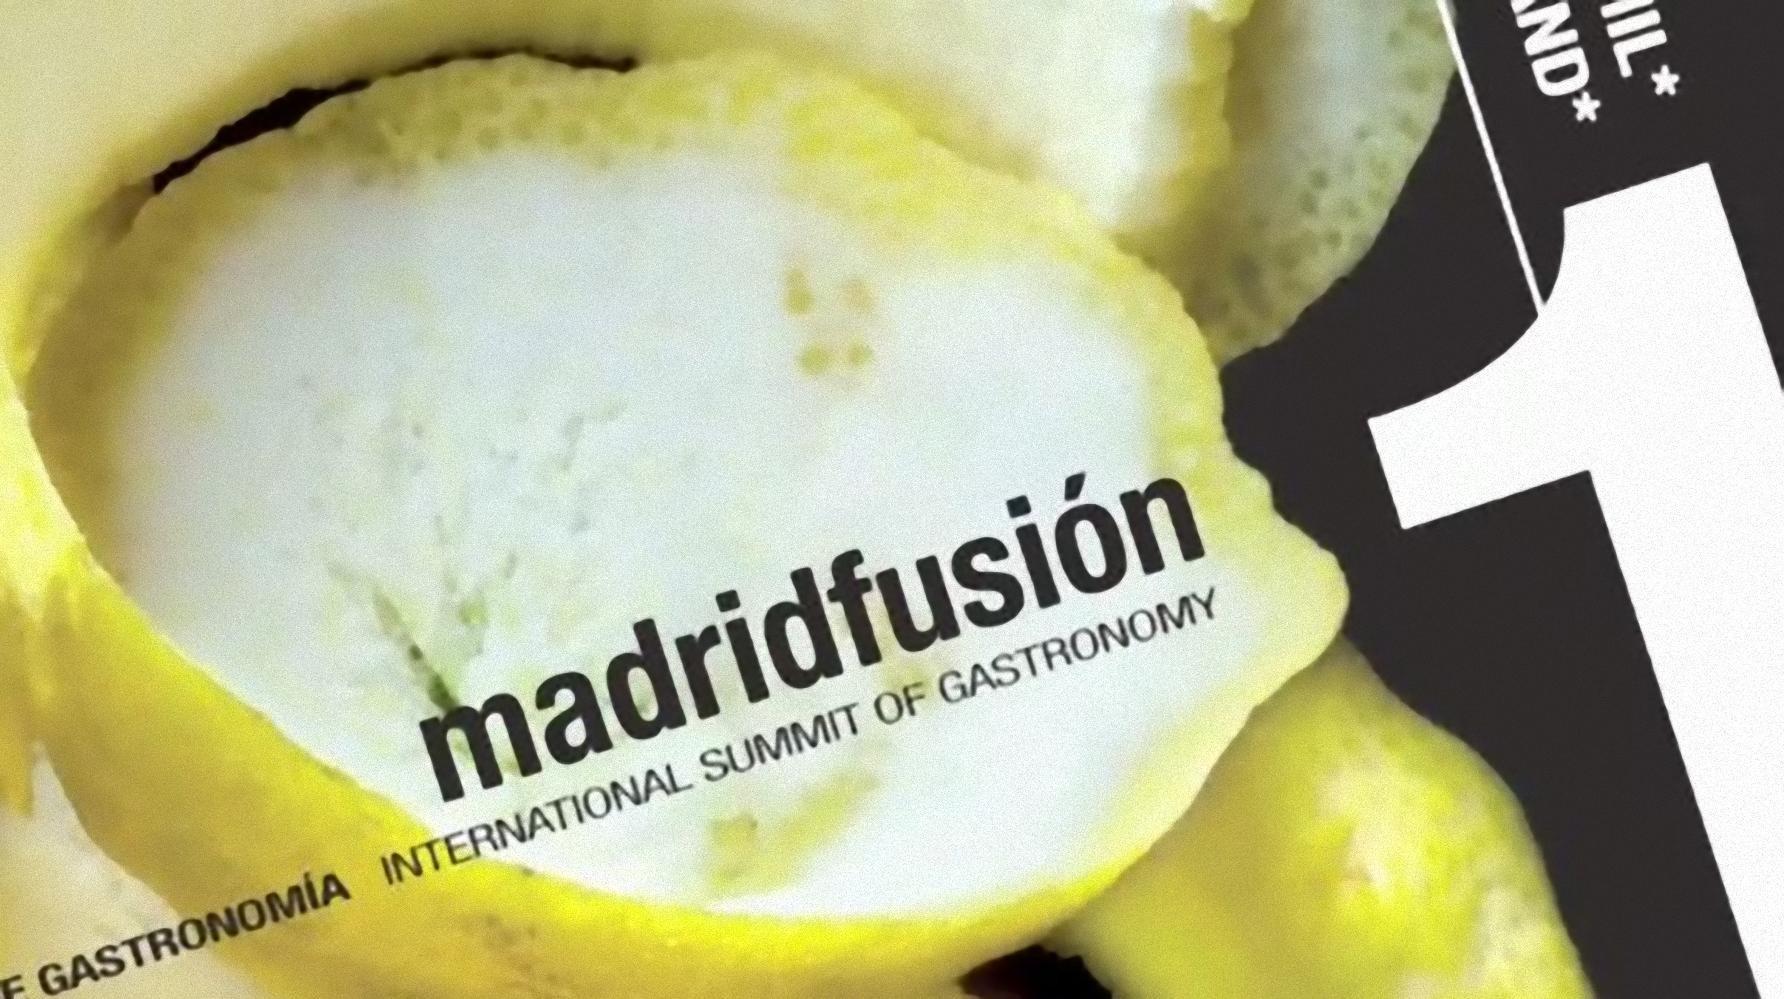 Madridfusión 2010, cumbre internacional de gastronomía